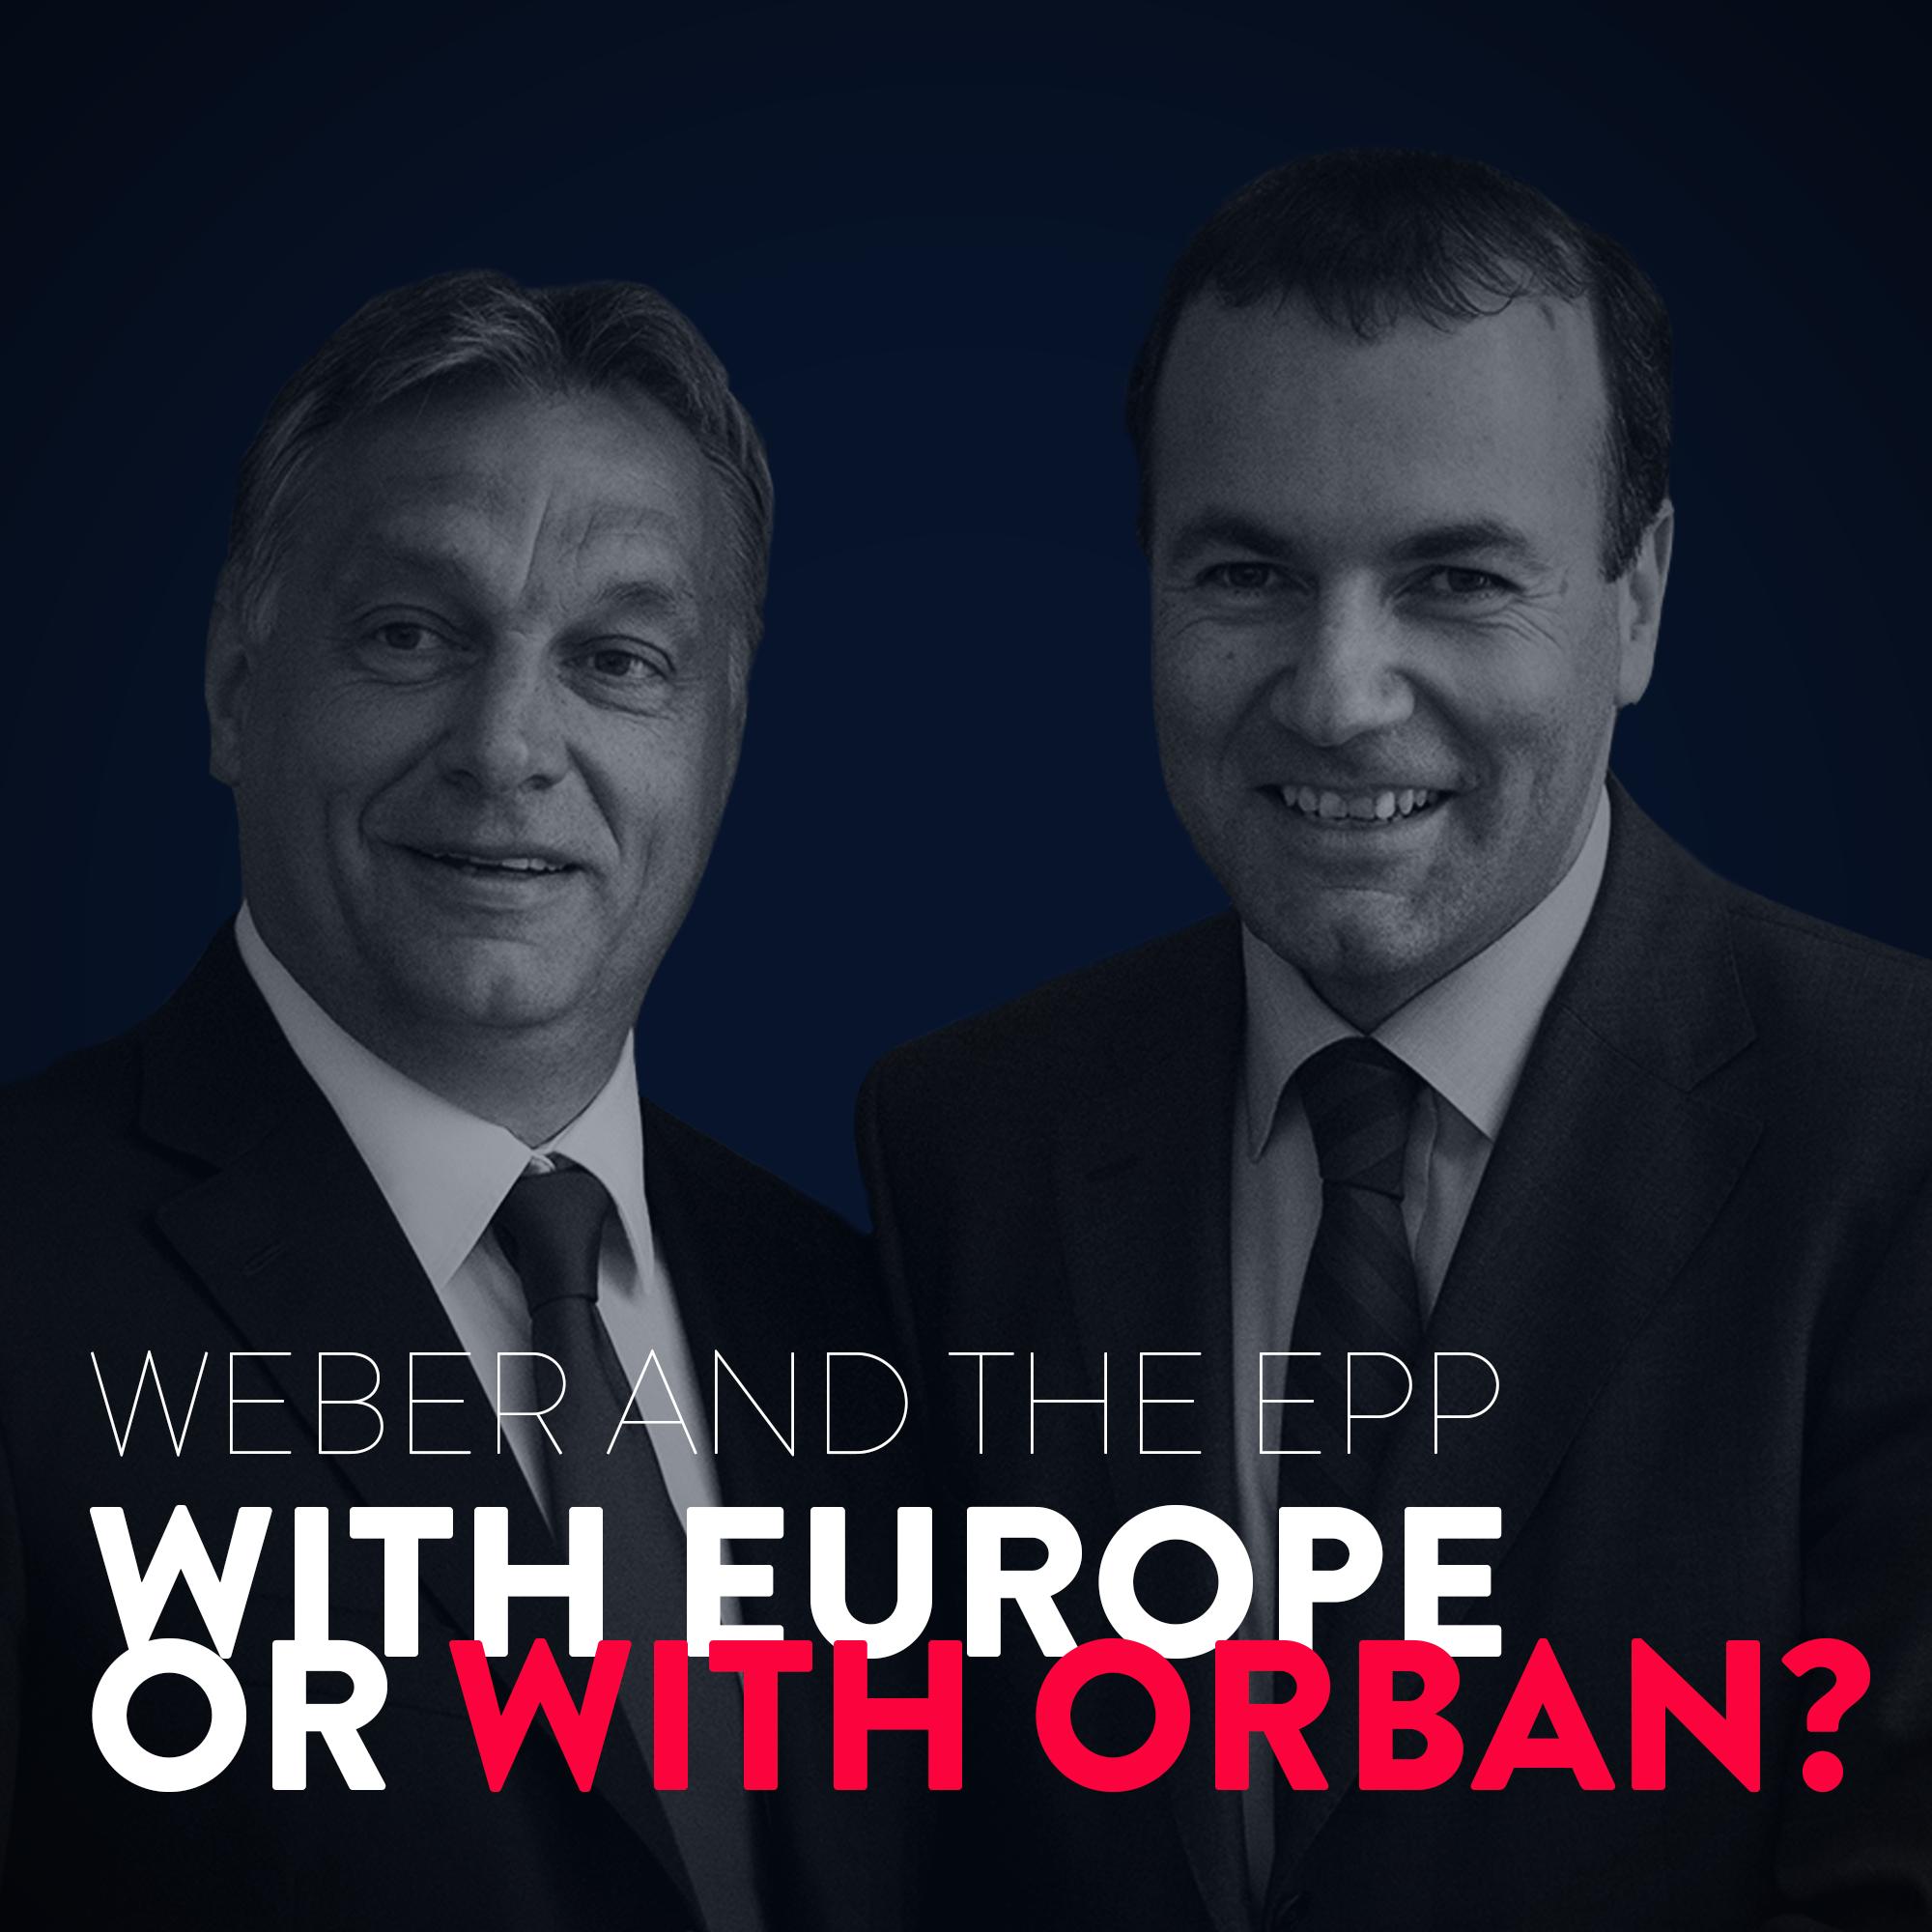 Hungary, viktor orban & EPP Weber